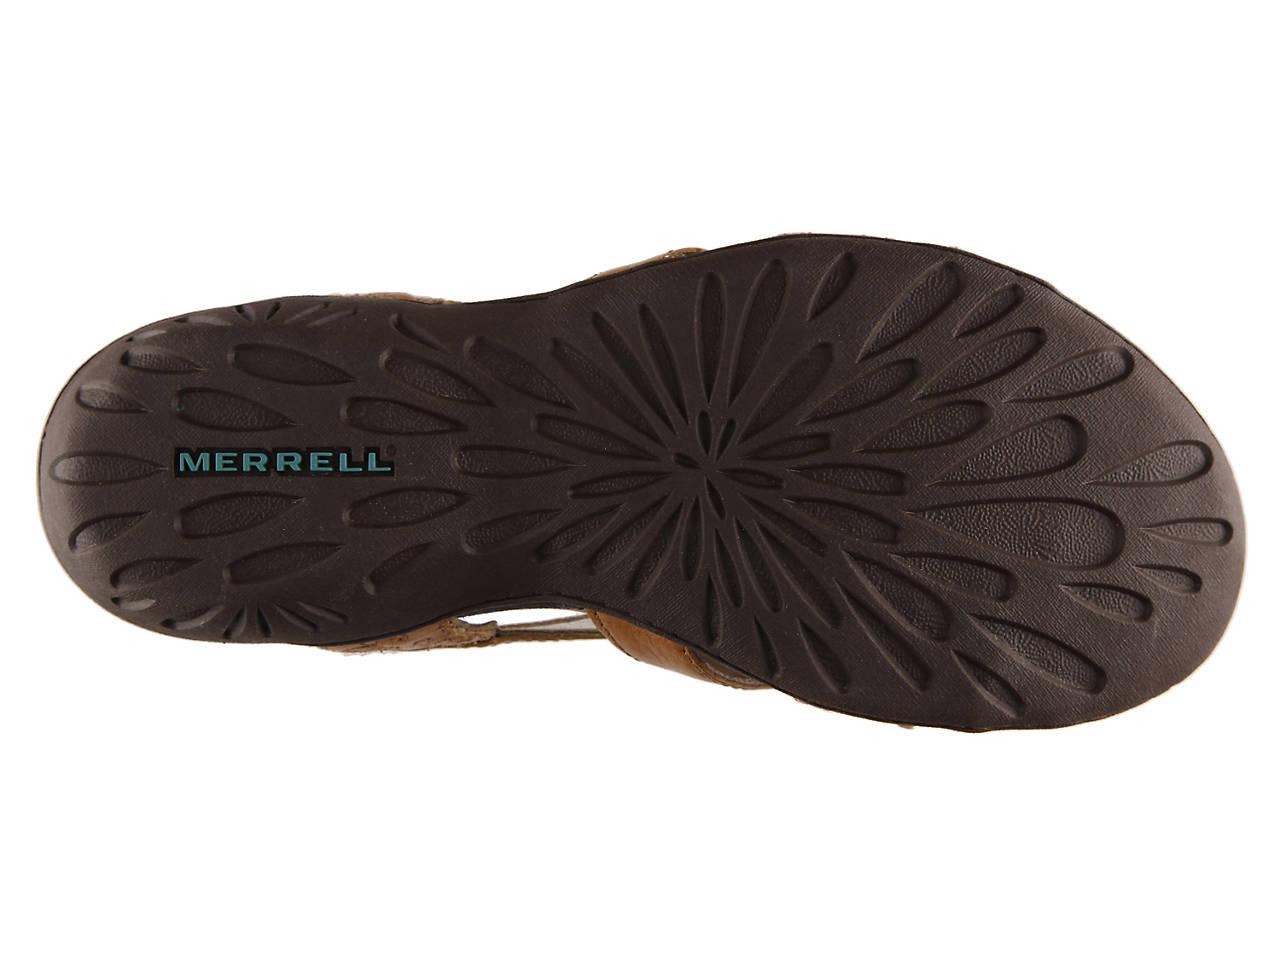 ebbe1b7d64a0 Merrell Bassoon Flat Sandal Women s Shoes